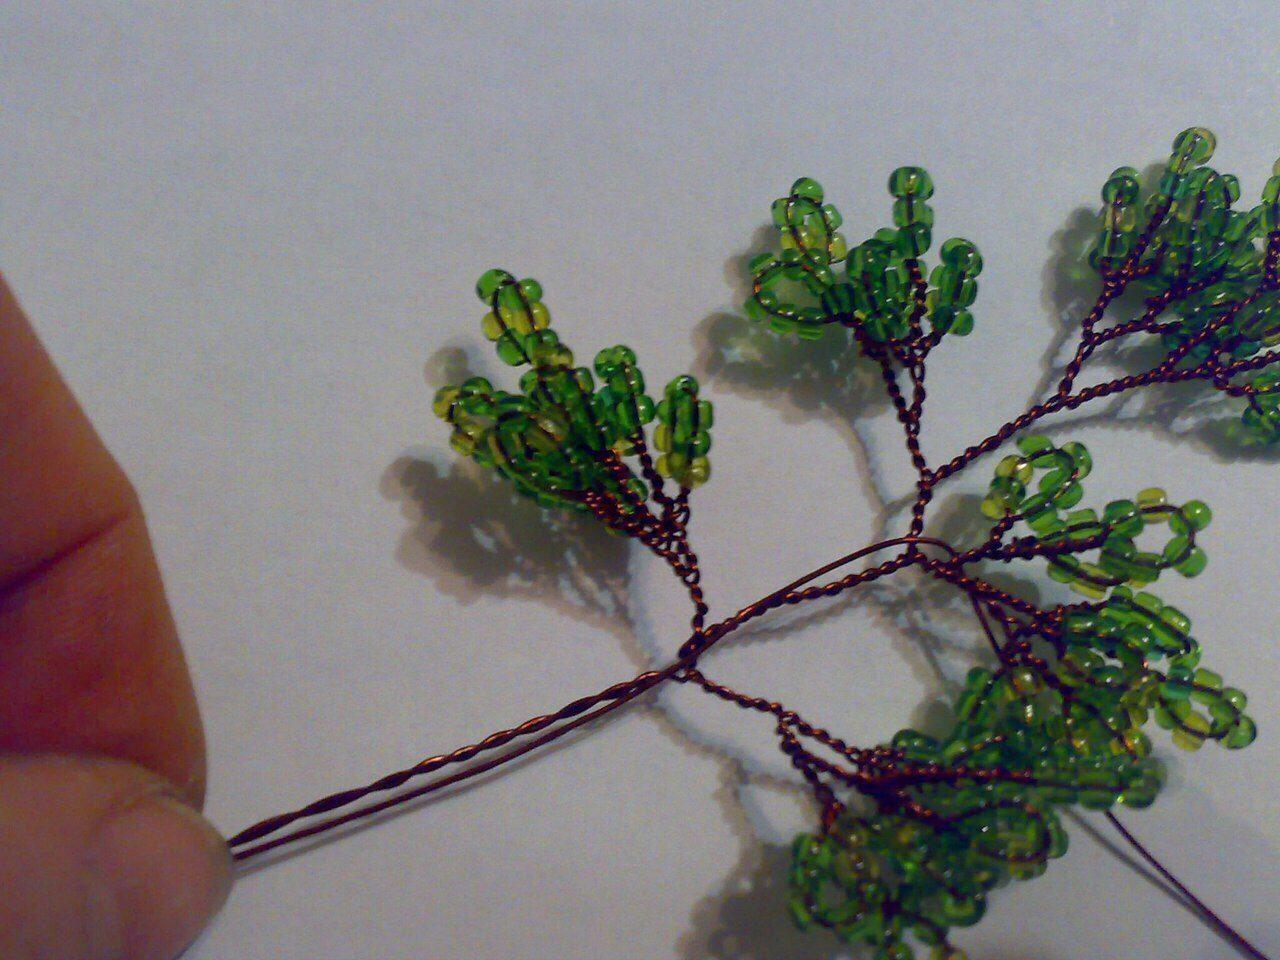 Деревья Image?id=867746749027&t=3&plc=WEB&tkn=*g_TyKA1s-vPujYxkpgMy5R_-WDA